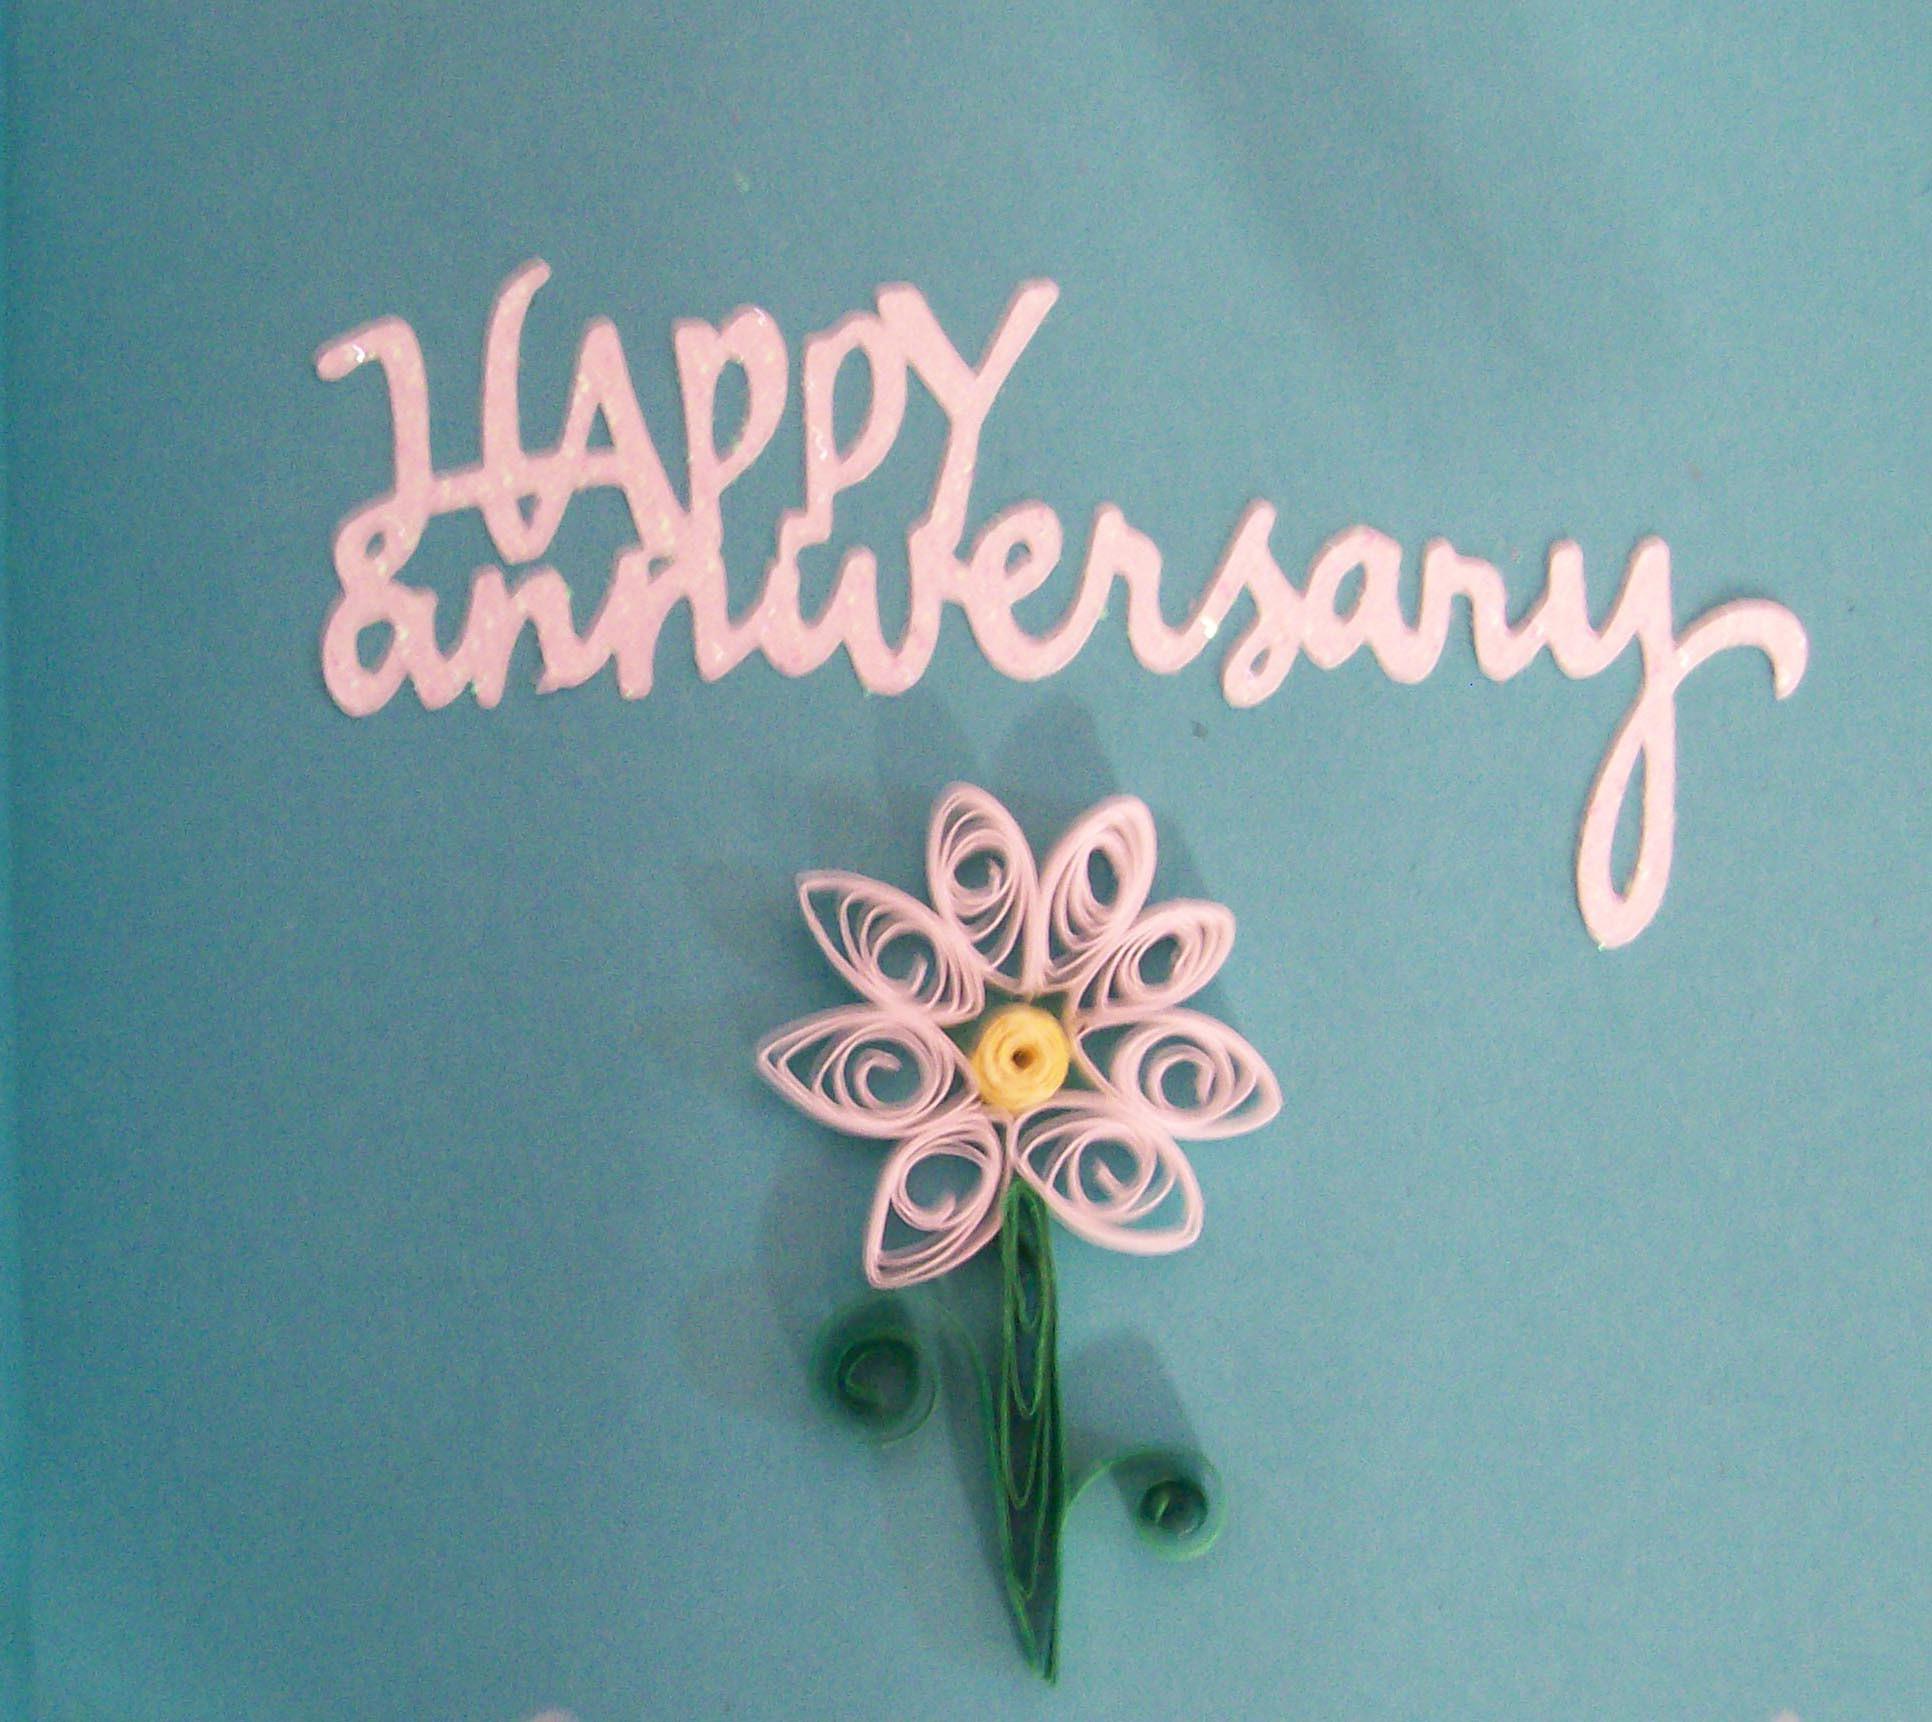 Anniversary Quotes Quotesgram: 70th Wedding Anniversary Quotes. QuotesGram